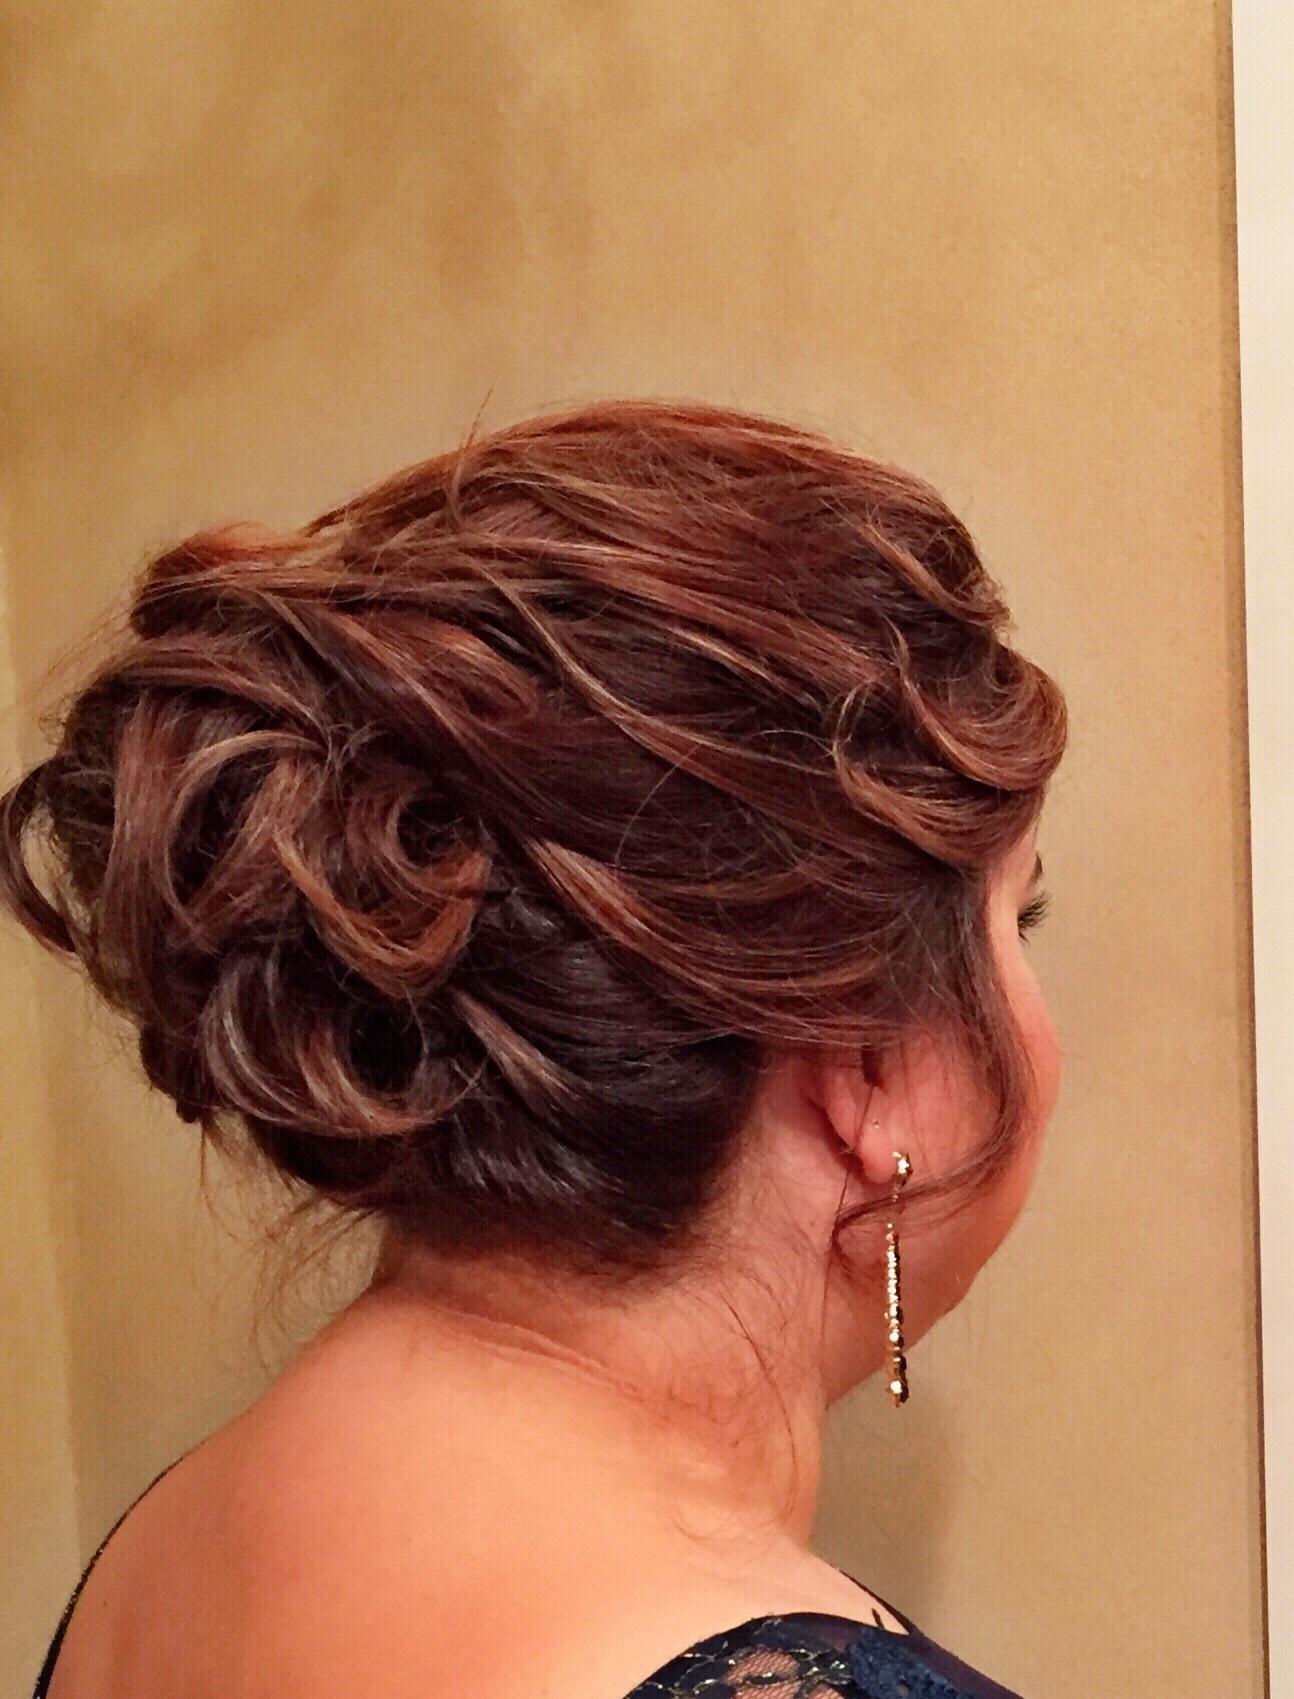 Coque elaborado penteado preso, coque cabelo cabeleireiro(a)